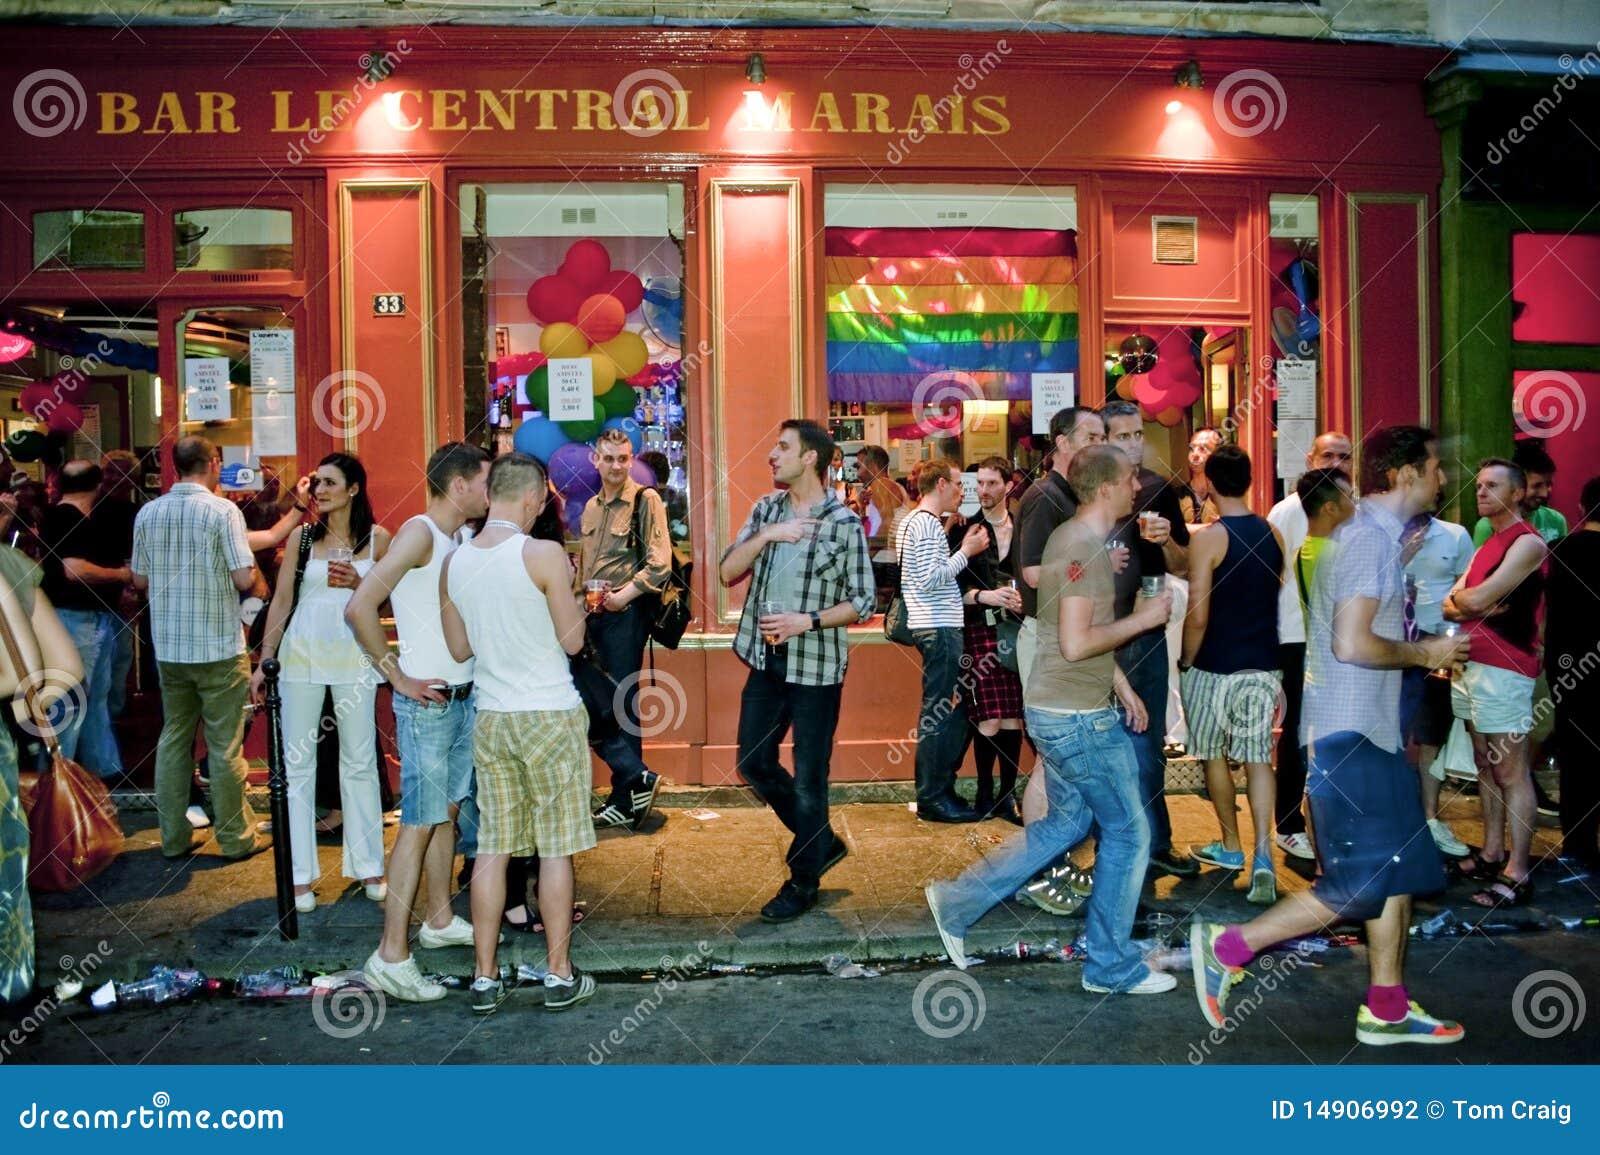 In Gay France Club